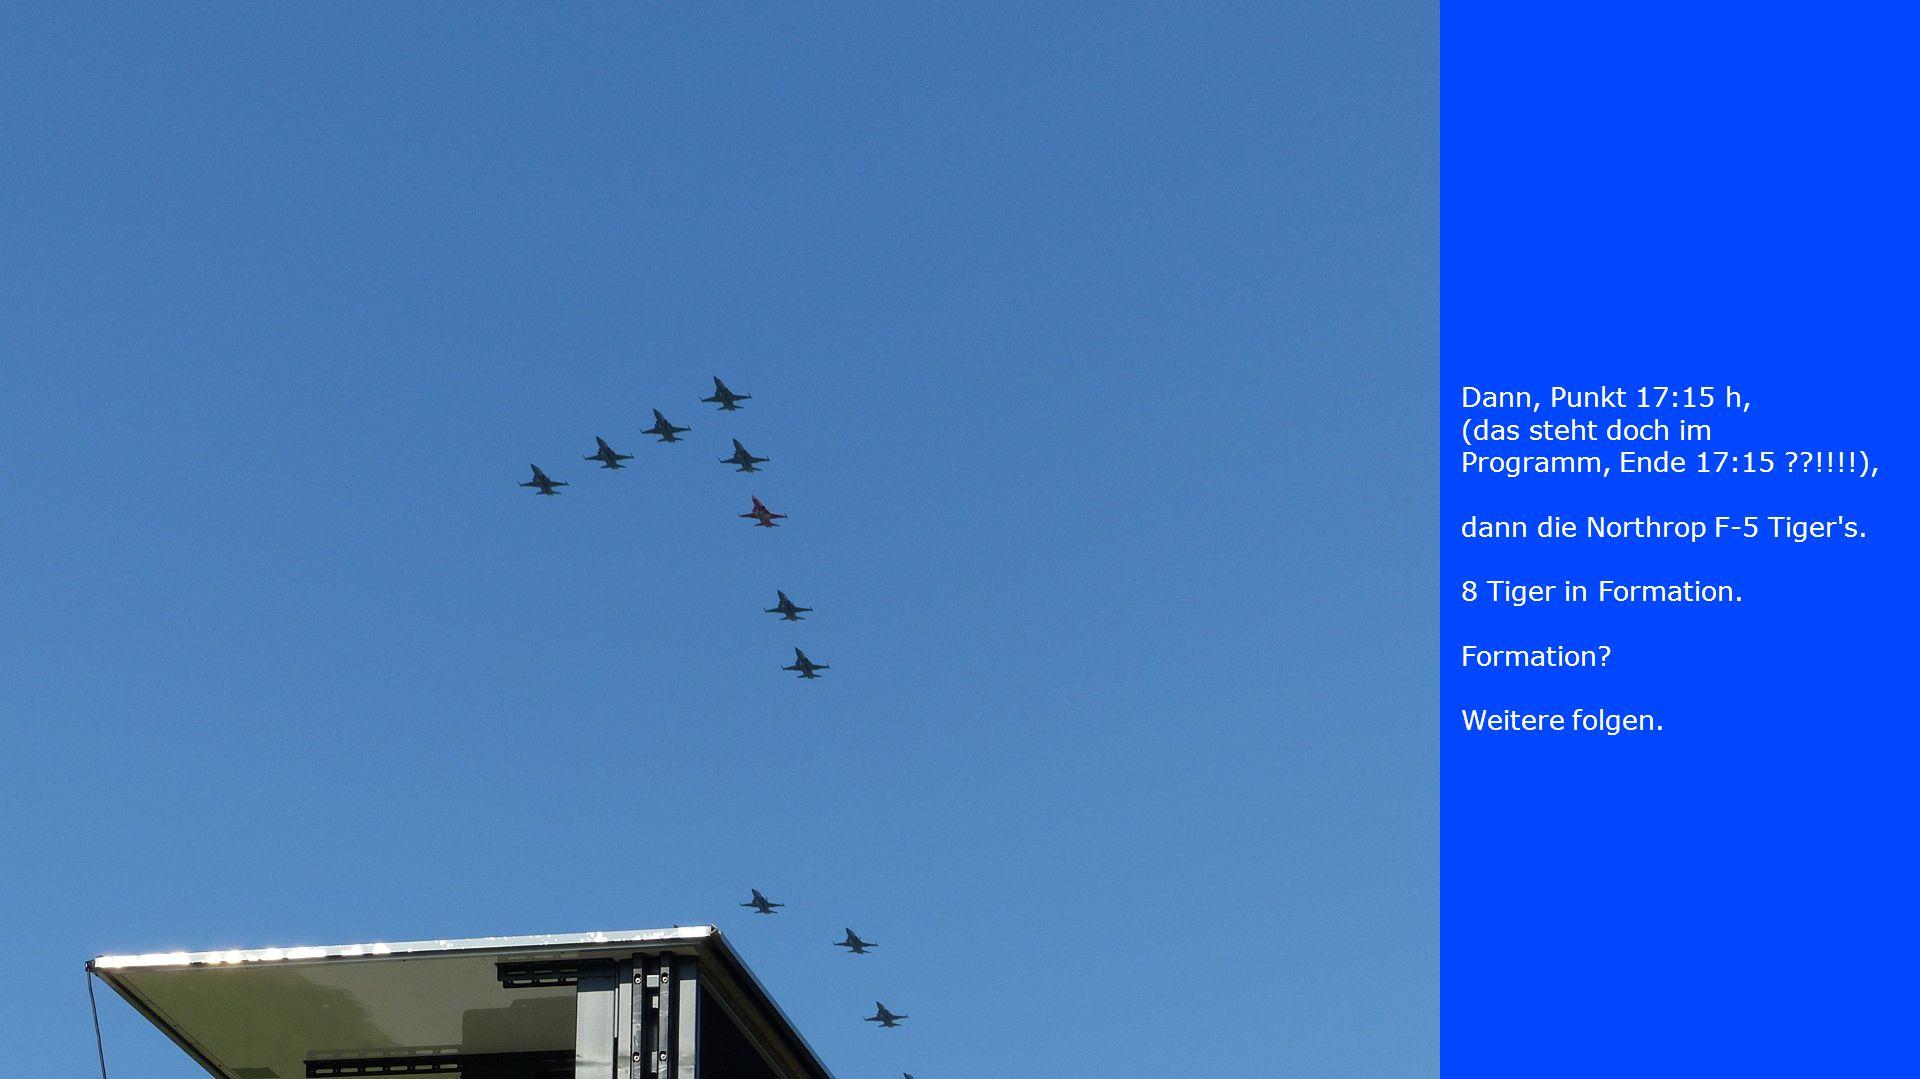 Dann, Punkt 17:15 h, (das steht doch im Programm, Ende 17:15 ??!!!!), dann die Northrop F-5 Tiger's. 8 Tiger in Formation. Formation? Weitere folgen.